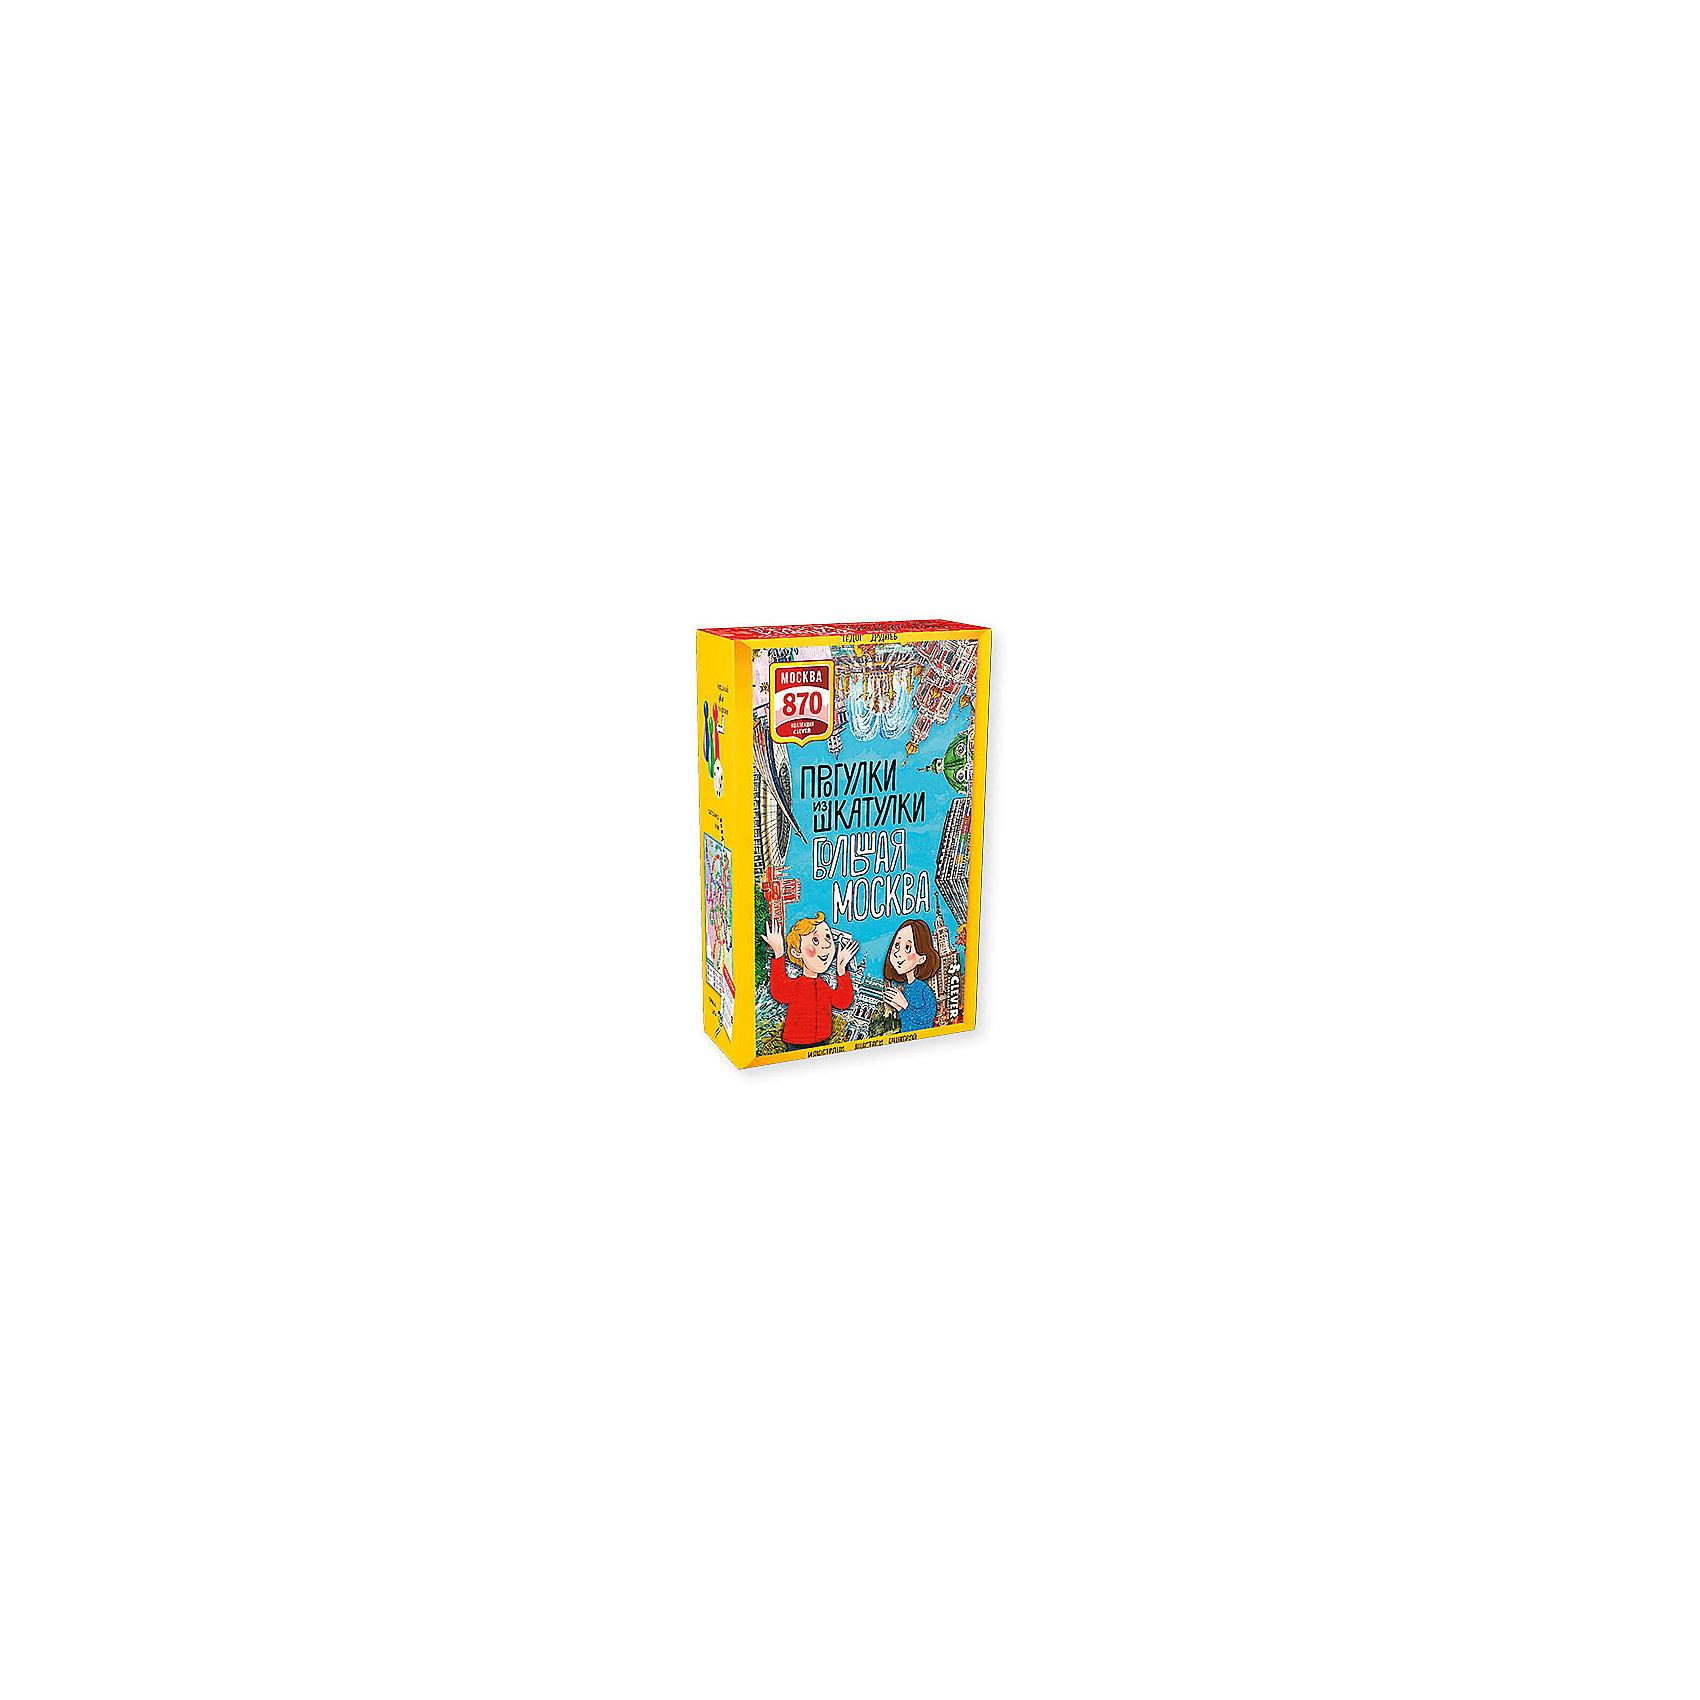 Набор юного краеведа Прогулки из шкатулки: Большая МоскваАтласы и карты<br>Характеристики:<br><br>• возраст: от 6 лет<br>• в наборе: 90 иллюстрированных карточек, разбитых на 9 округов; игровое поле; 6 фишек; кубик; брошюра с правилами игры<br>• маршруты по которым будут передвигаться участники игры: от МГУ к Музею наивного искусства, от Крылатских холмов к Измайловскому кремлю, из Братцева в усадьбу Кузьминки, из Грачёвки в Царицыно, от Долгих прудов к легкому метро Бутовской линии, из Лосиного острова в Узкое<br>• автор: Дядичев Федор Михайлович<br>• художник: Башкова А.<br>• издательство: Клевер Медиа Групп, 2017 г.<br>• серия: Москва 870<br>• иллюстрации цветные<br>• количество игроков: от 2 до 6 человек<br>• время игры: 10-20 минут<br>• упаковка: картонная коробка<br>• размер: 18х11,5х6,8 см.<br>• вес: 714 гр.<br>• ISBN: 9785906951144<br><br>Вы можете путешествовать по Москве, не выходя из дома. Изучайте историю Москвы, интересные факты о памятниках архитектуры, а игровое поле в виде карты подскажет вам, где что находится. Вы познакомитесь с архитектурными шедеврами столицы, известными московскими парками, храмами и монастырями, местами культуры и отдыха, усадьбами, музеями, памятниками и многим другим.<br><br>Правила просты, как и в любой игре-ходилке, но у каждого будет свой уникальный маршрут. По пути игрокам придется выполнять разные задания и преодолевать препятствия. А еще на маршруте их поджидают пробки. Цель игры первым добраться до своего пункта назначения.<br><br>В наборе имеется 90 карточек с красочными иллюстрациями достопримечательностей. На обороте карточек приведена информация о том или ином объекте.<br><br>Существует много вариантов игр с карточками и картой. Играйте в викторину: берите карточки по одной, находите изображение на игровом поле и читайте самые интересные факты об объекте. Усложняйте правила: по ходу игры можно придумать еще много дополнительных заданий и вопросов. Творите: нарисуйте собственный путеводитель по любимой столице.<br><